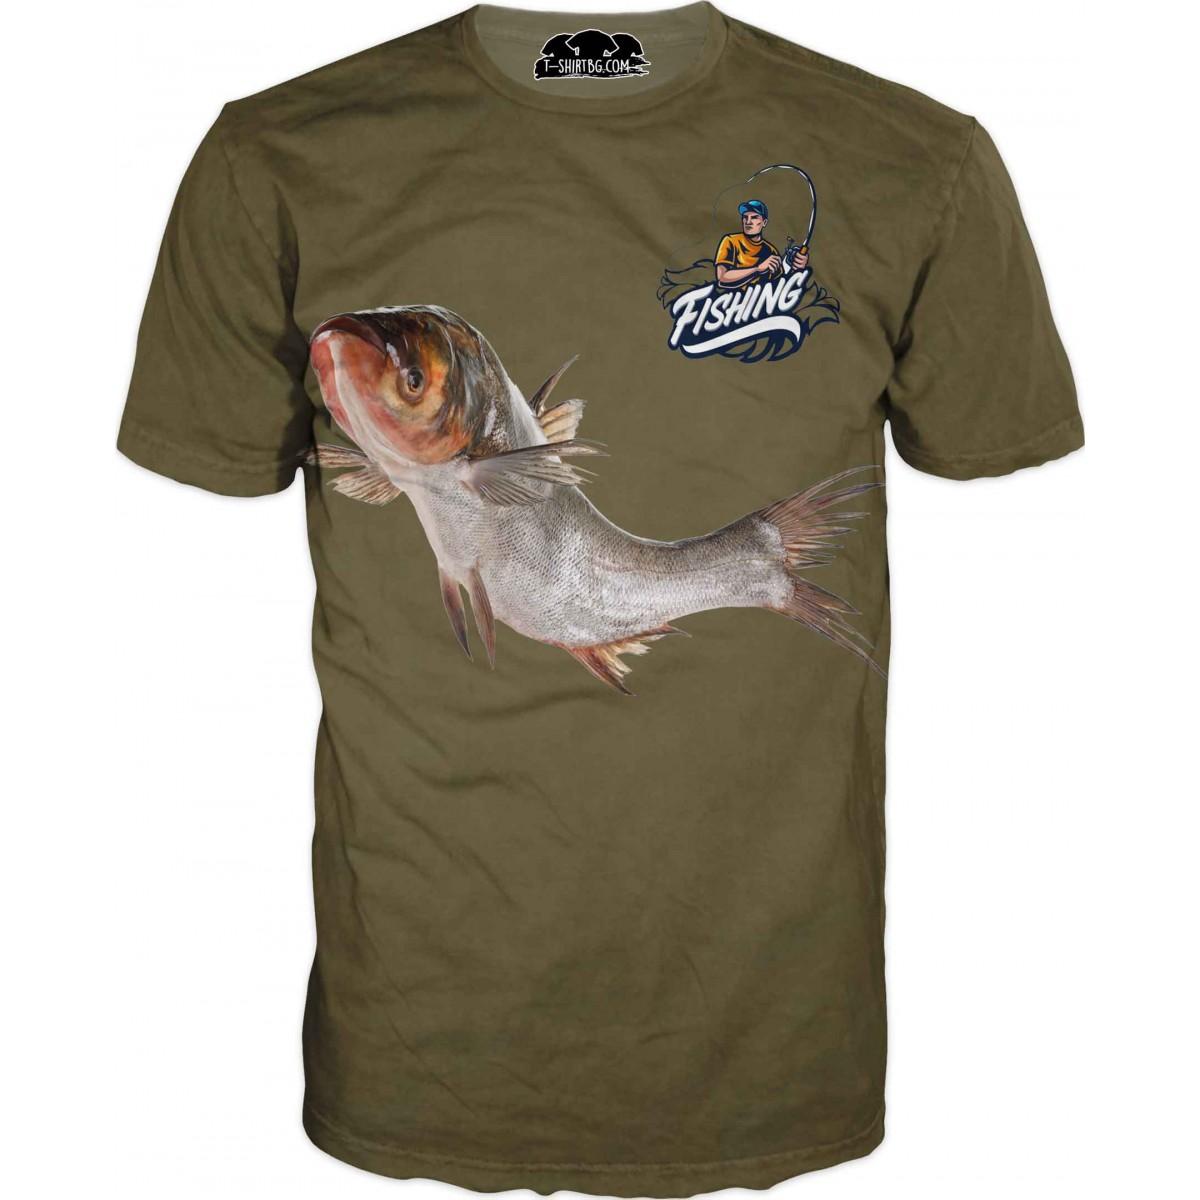 Риболовна тениска с изрисувана риба в зелено